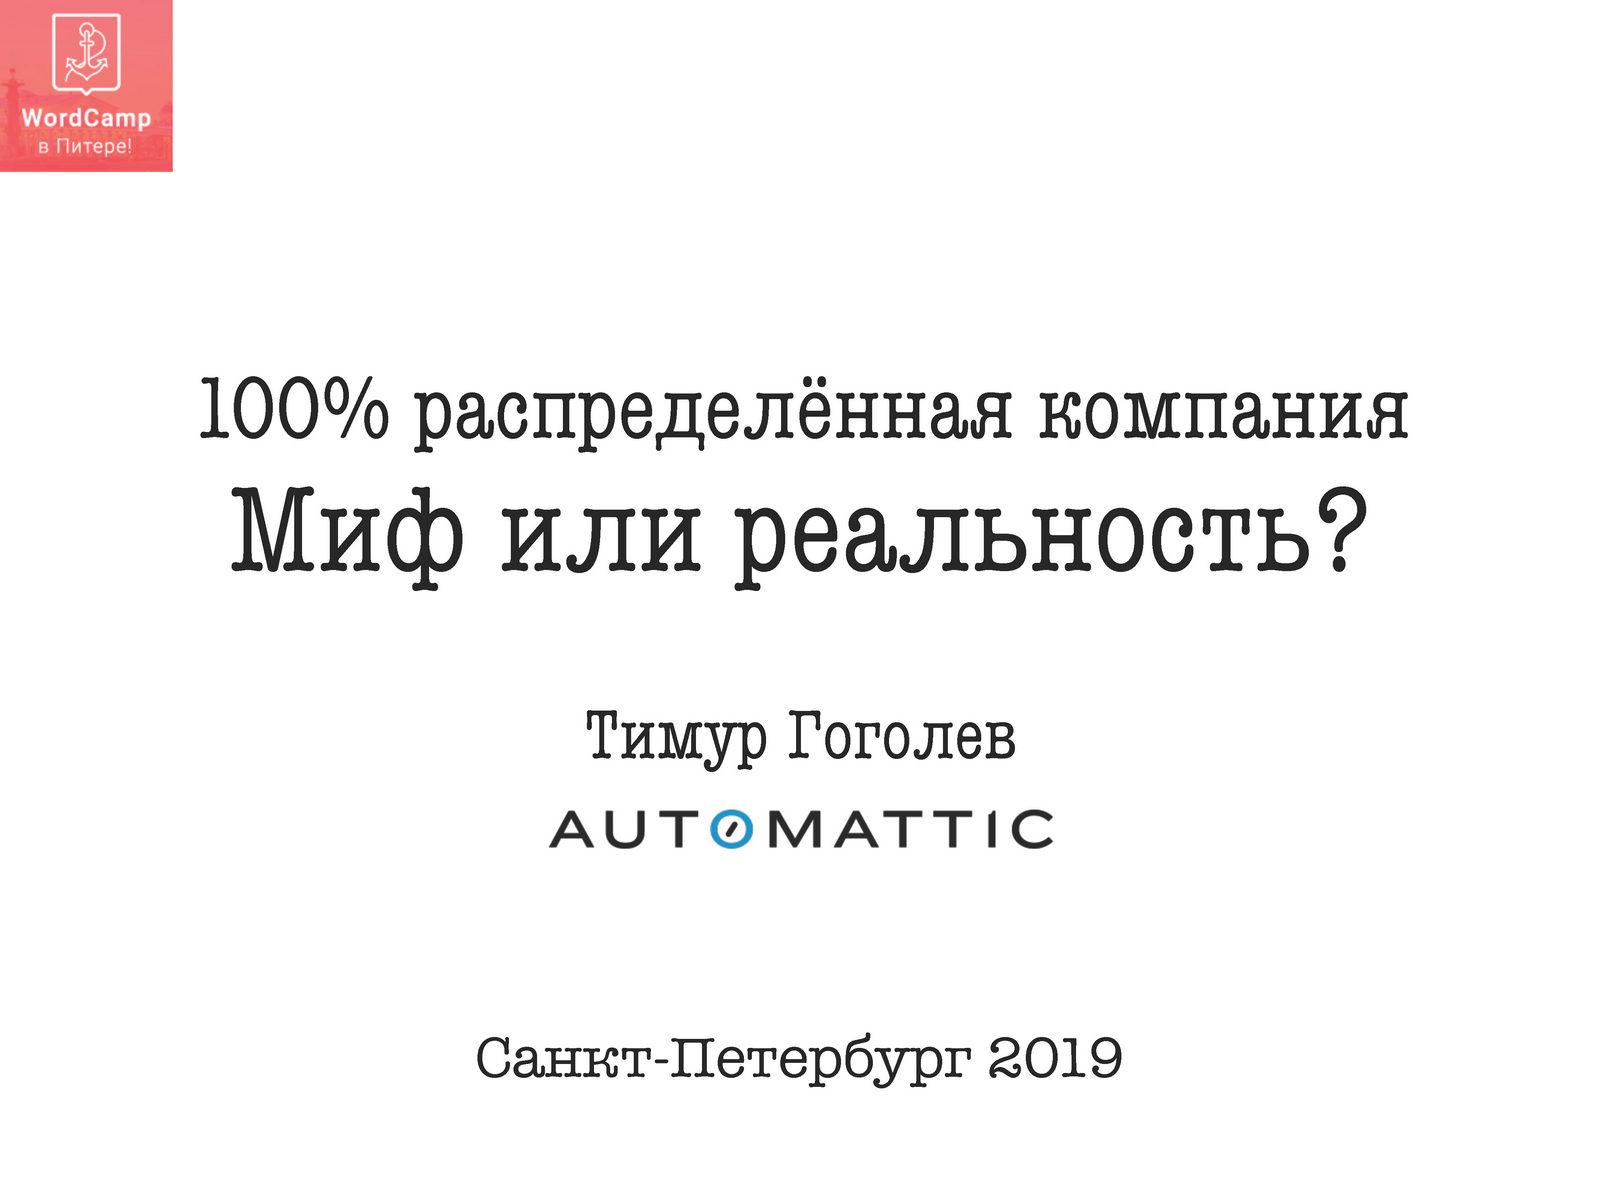 Тимур Гоголев - 100% распределенная компания мифы или реальность_Page_01